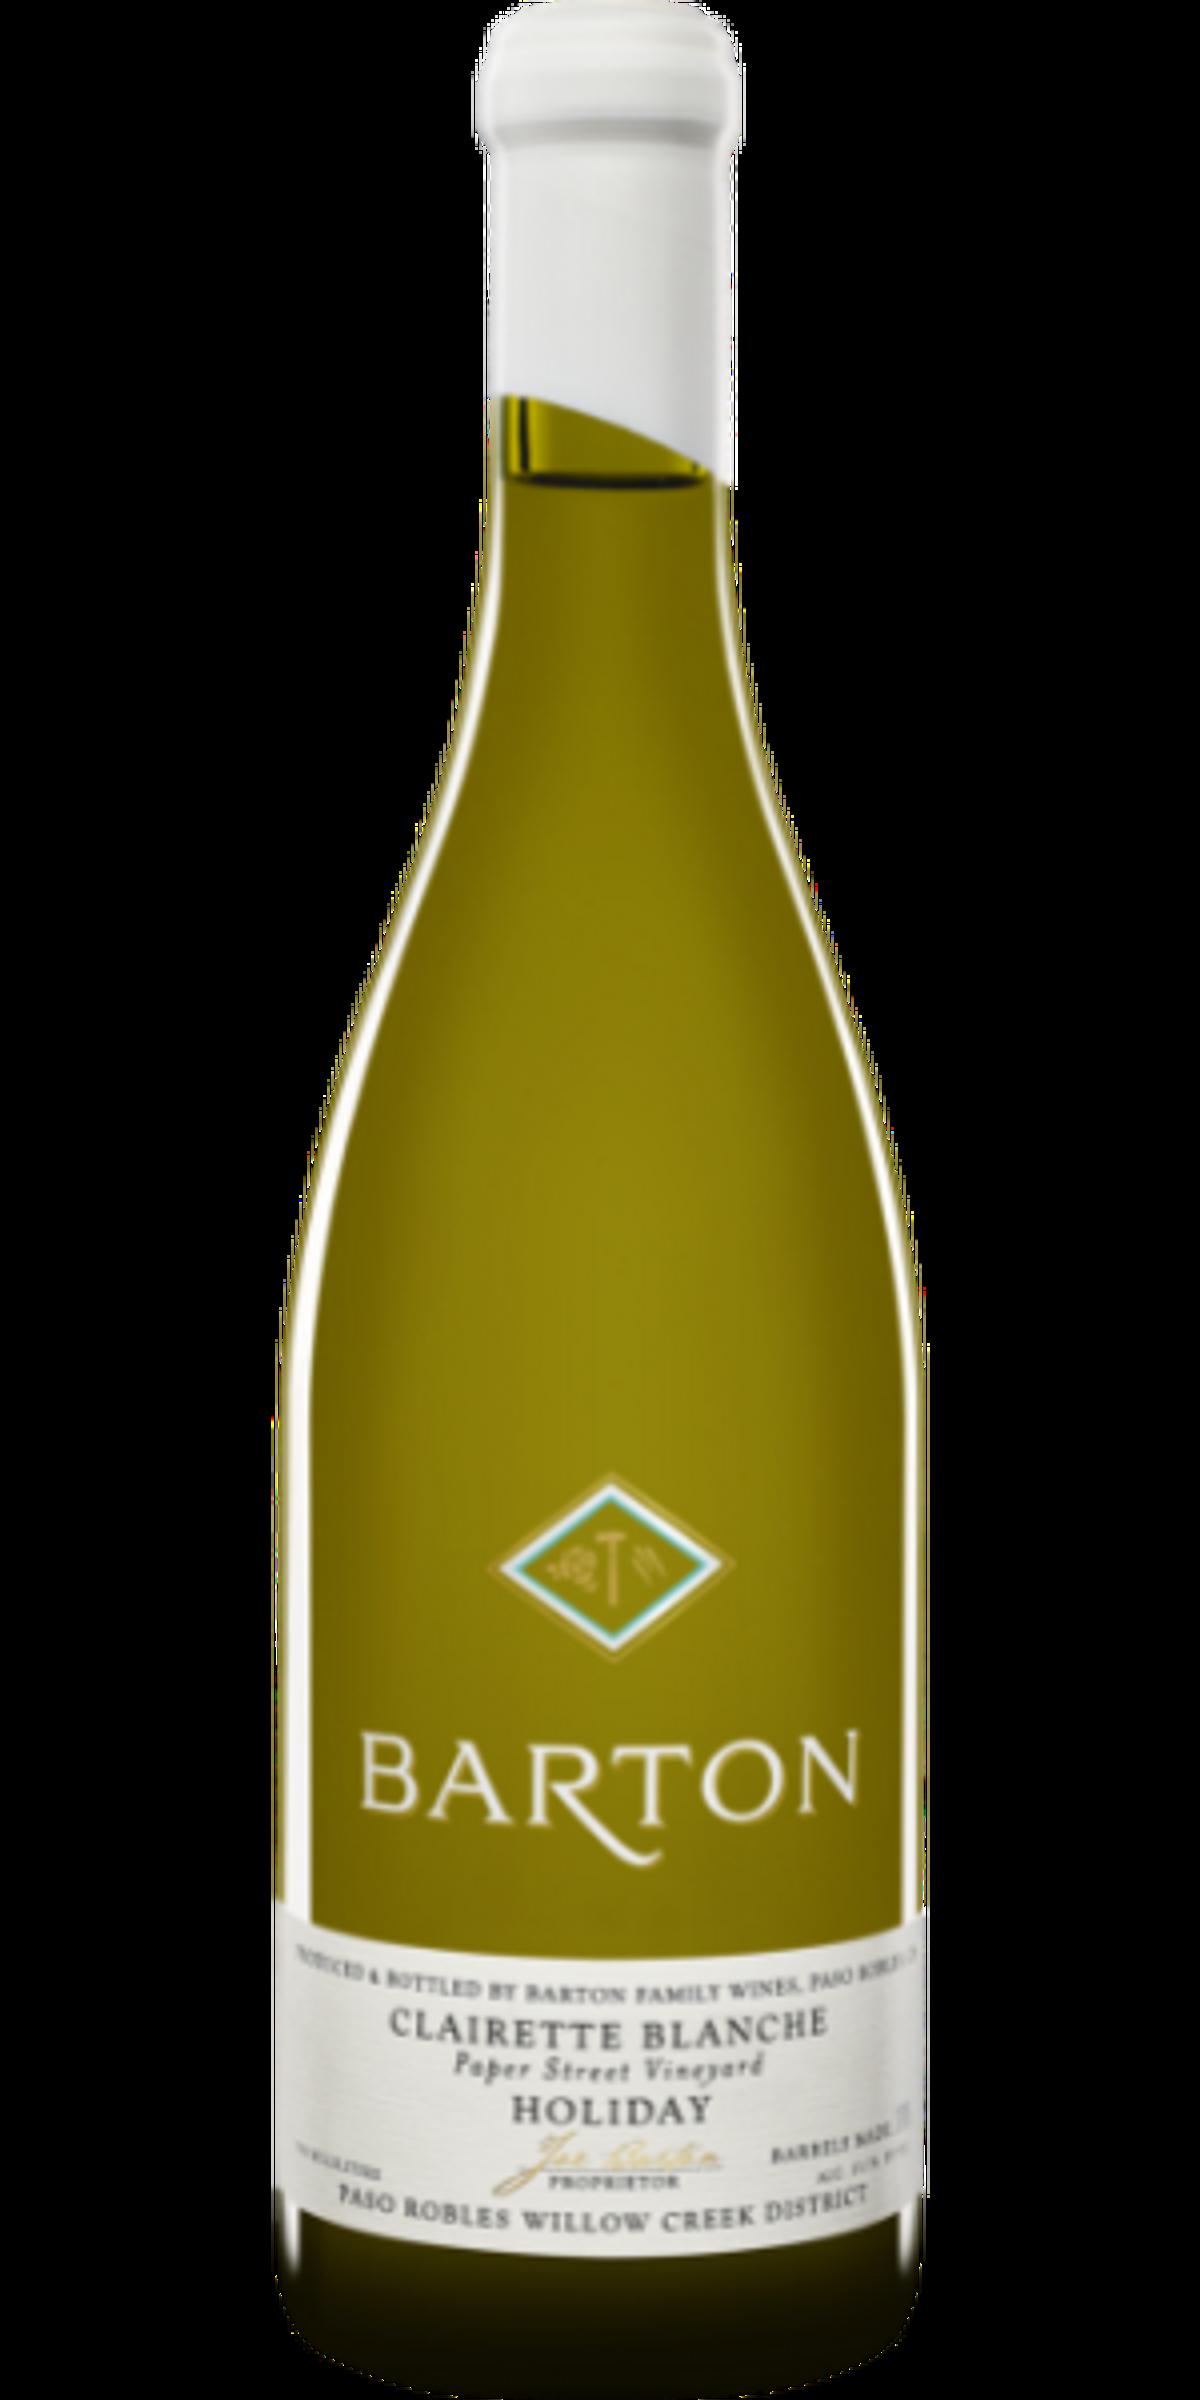 barton family wines clairette blanche